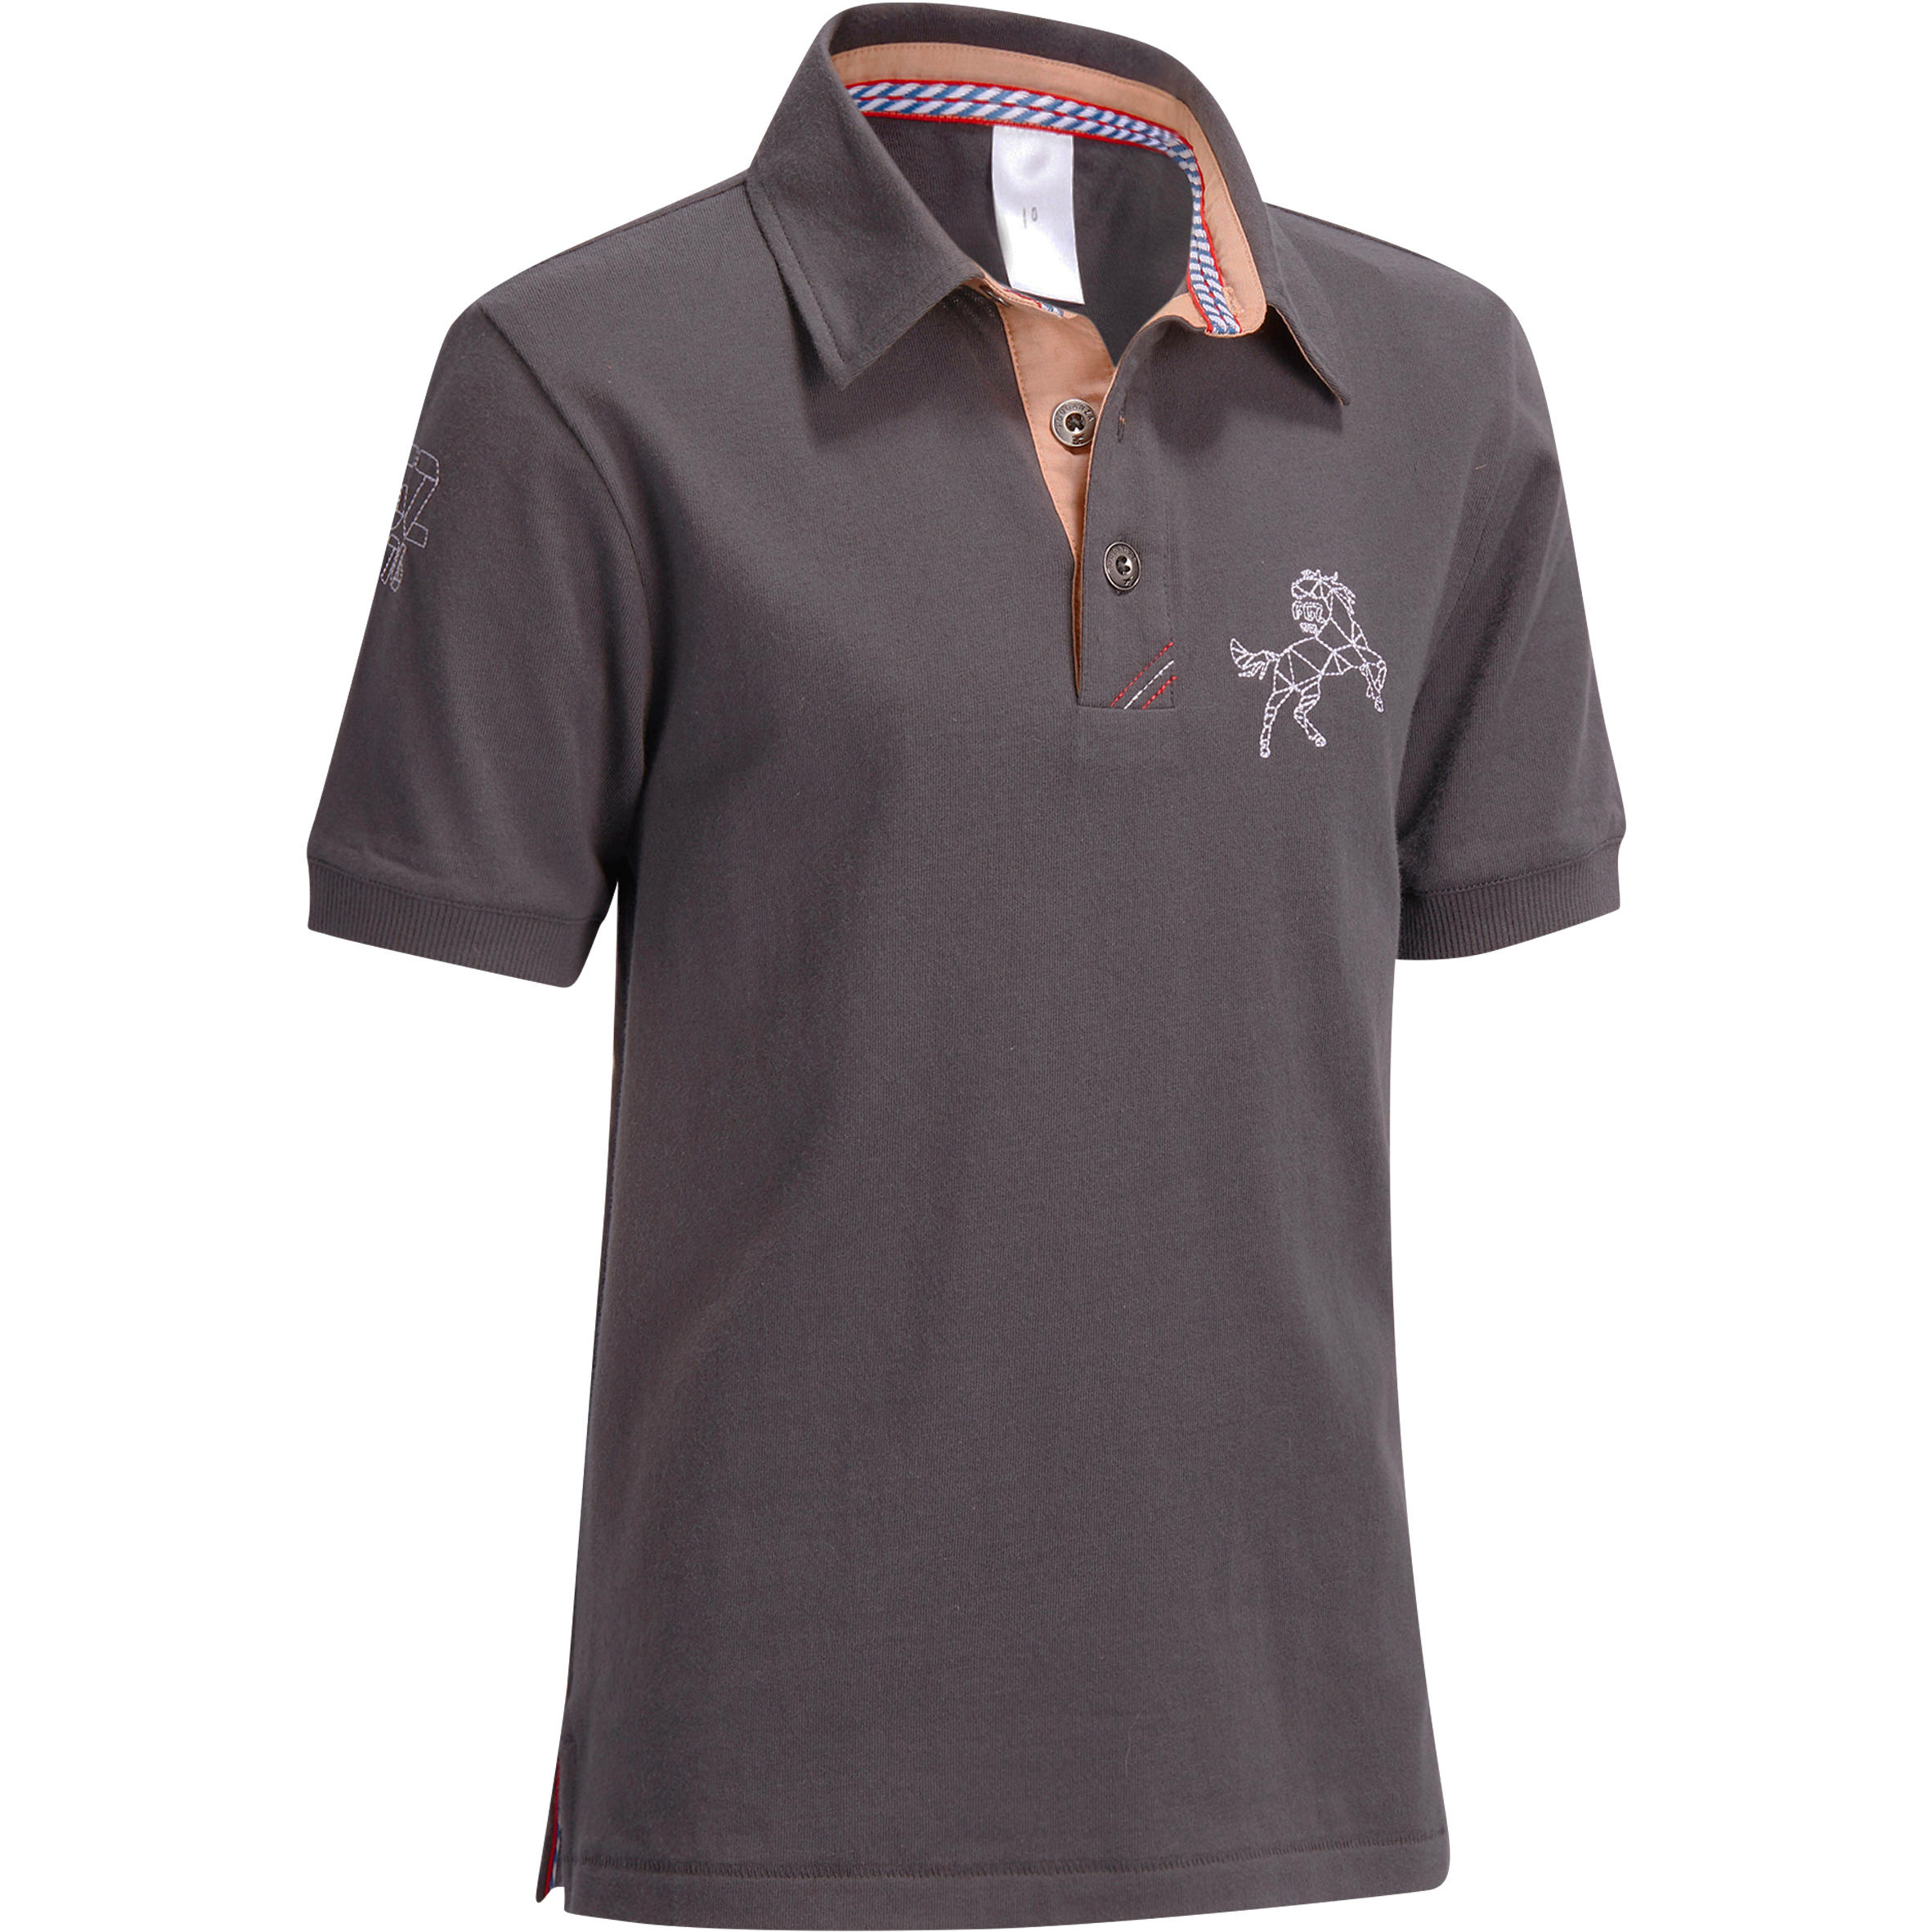 PL140 BOY Boys' Short-Sleeved Horse Riding Polo - Grey